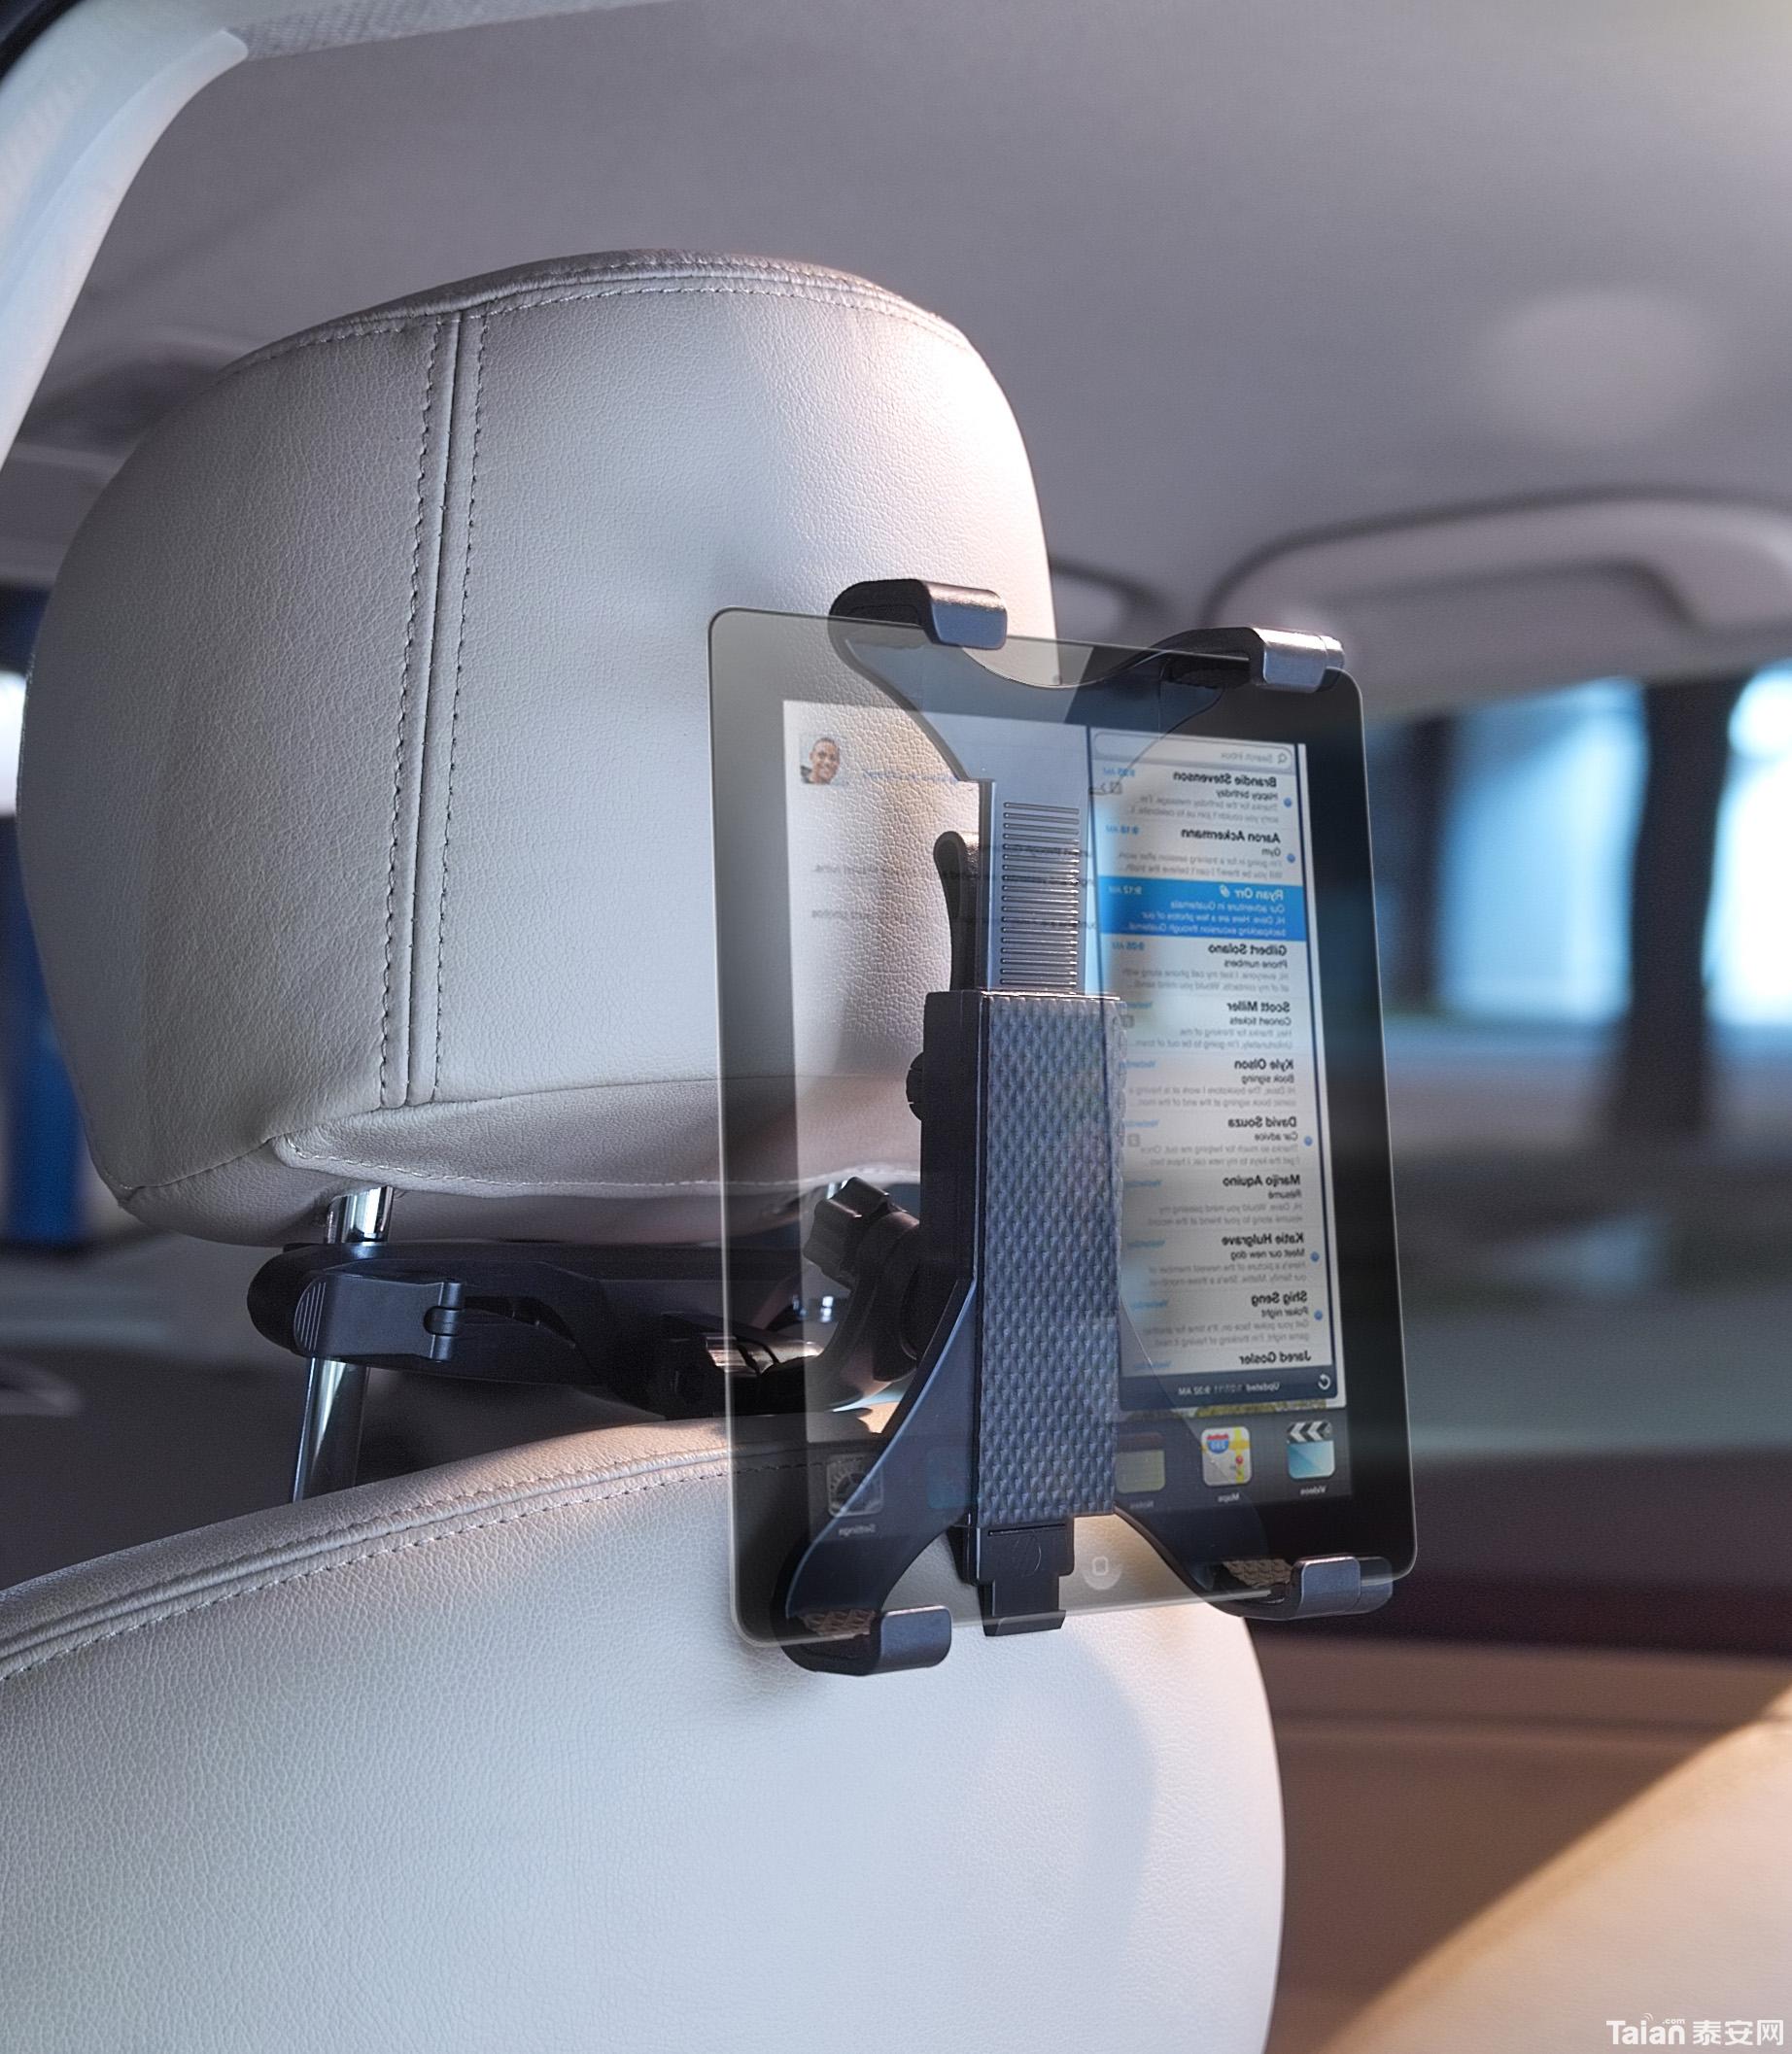 ipad车载后座支架(让后排的人享受电影乐趣)平板电脑车载导航支架